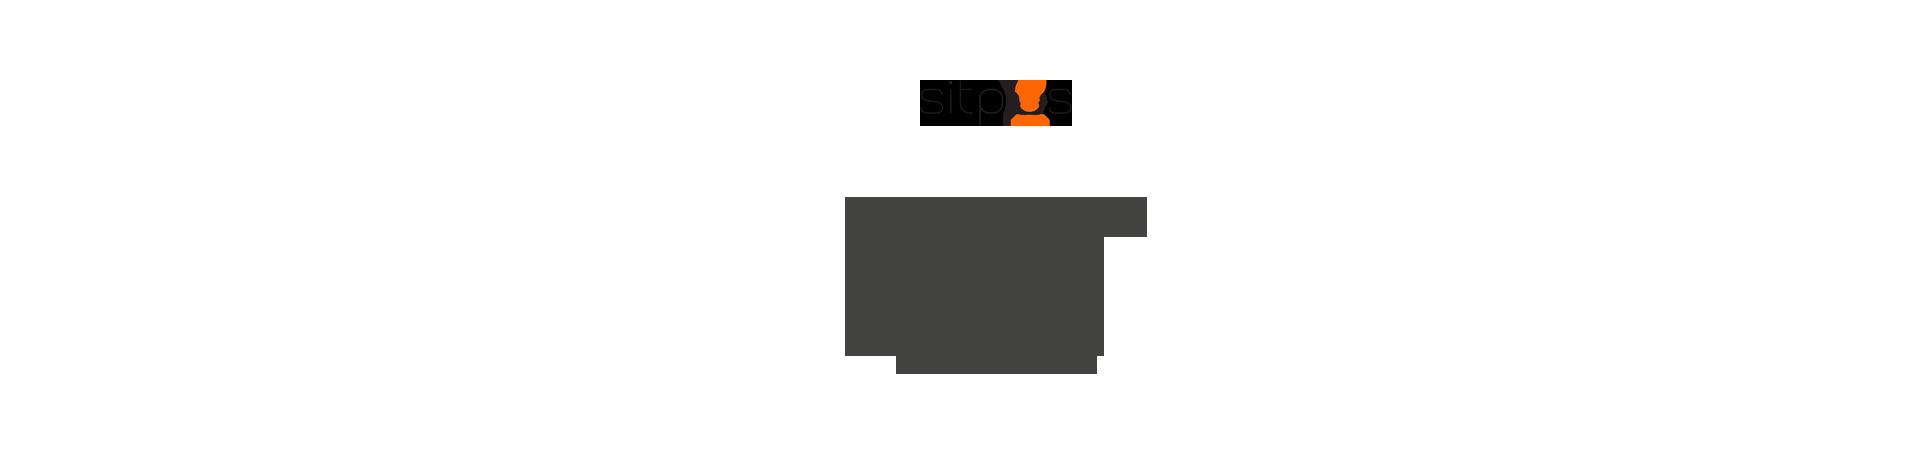 sitplus